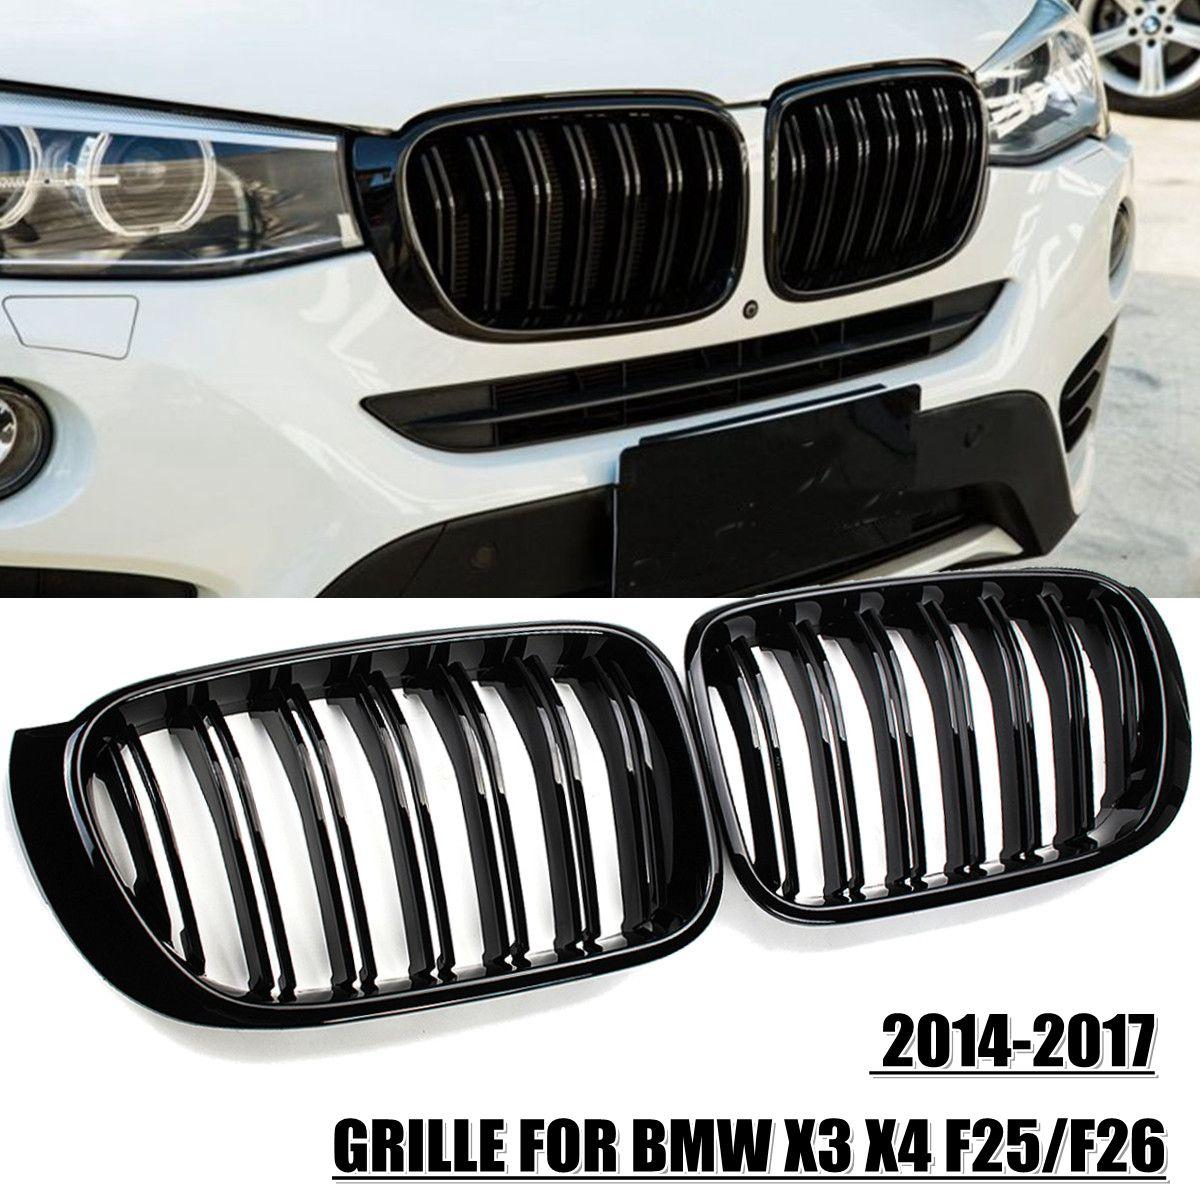 2X M Style voiture calandre Grille Grille filet garniture bande couverture noir brillant pour BMW X3 X4 F25 F26 2014 2015 2016 2017